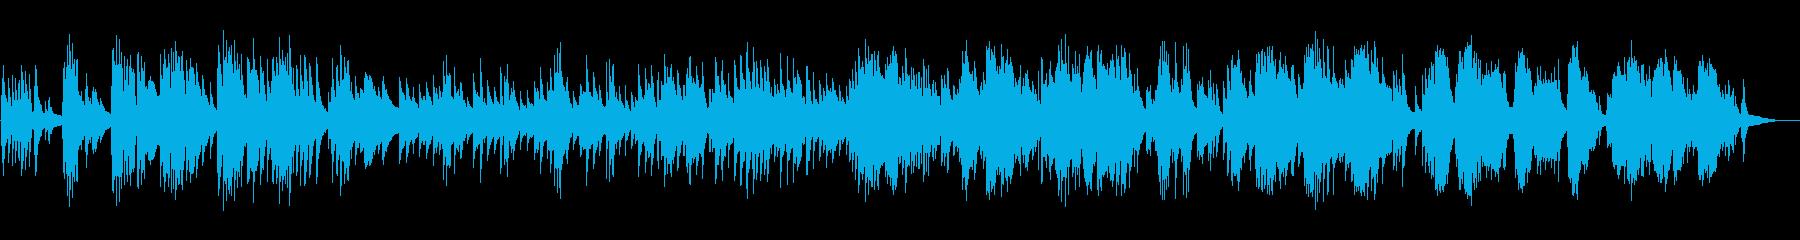 雨の日のイメージ・のんびりなピアノ即興の再生済みの波形